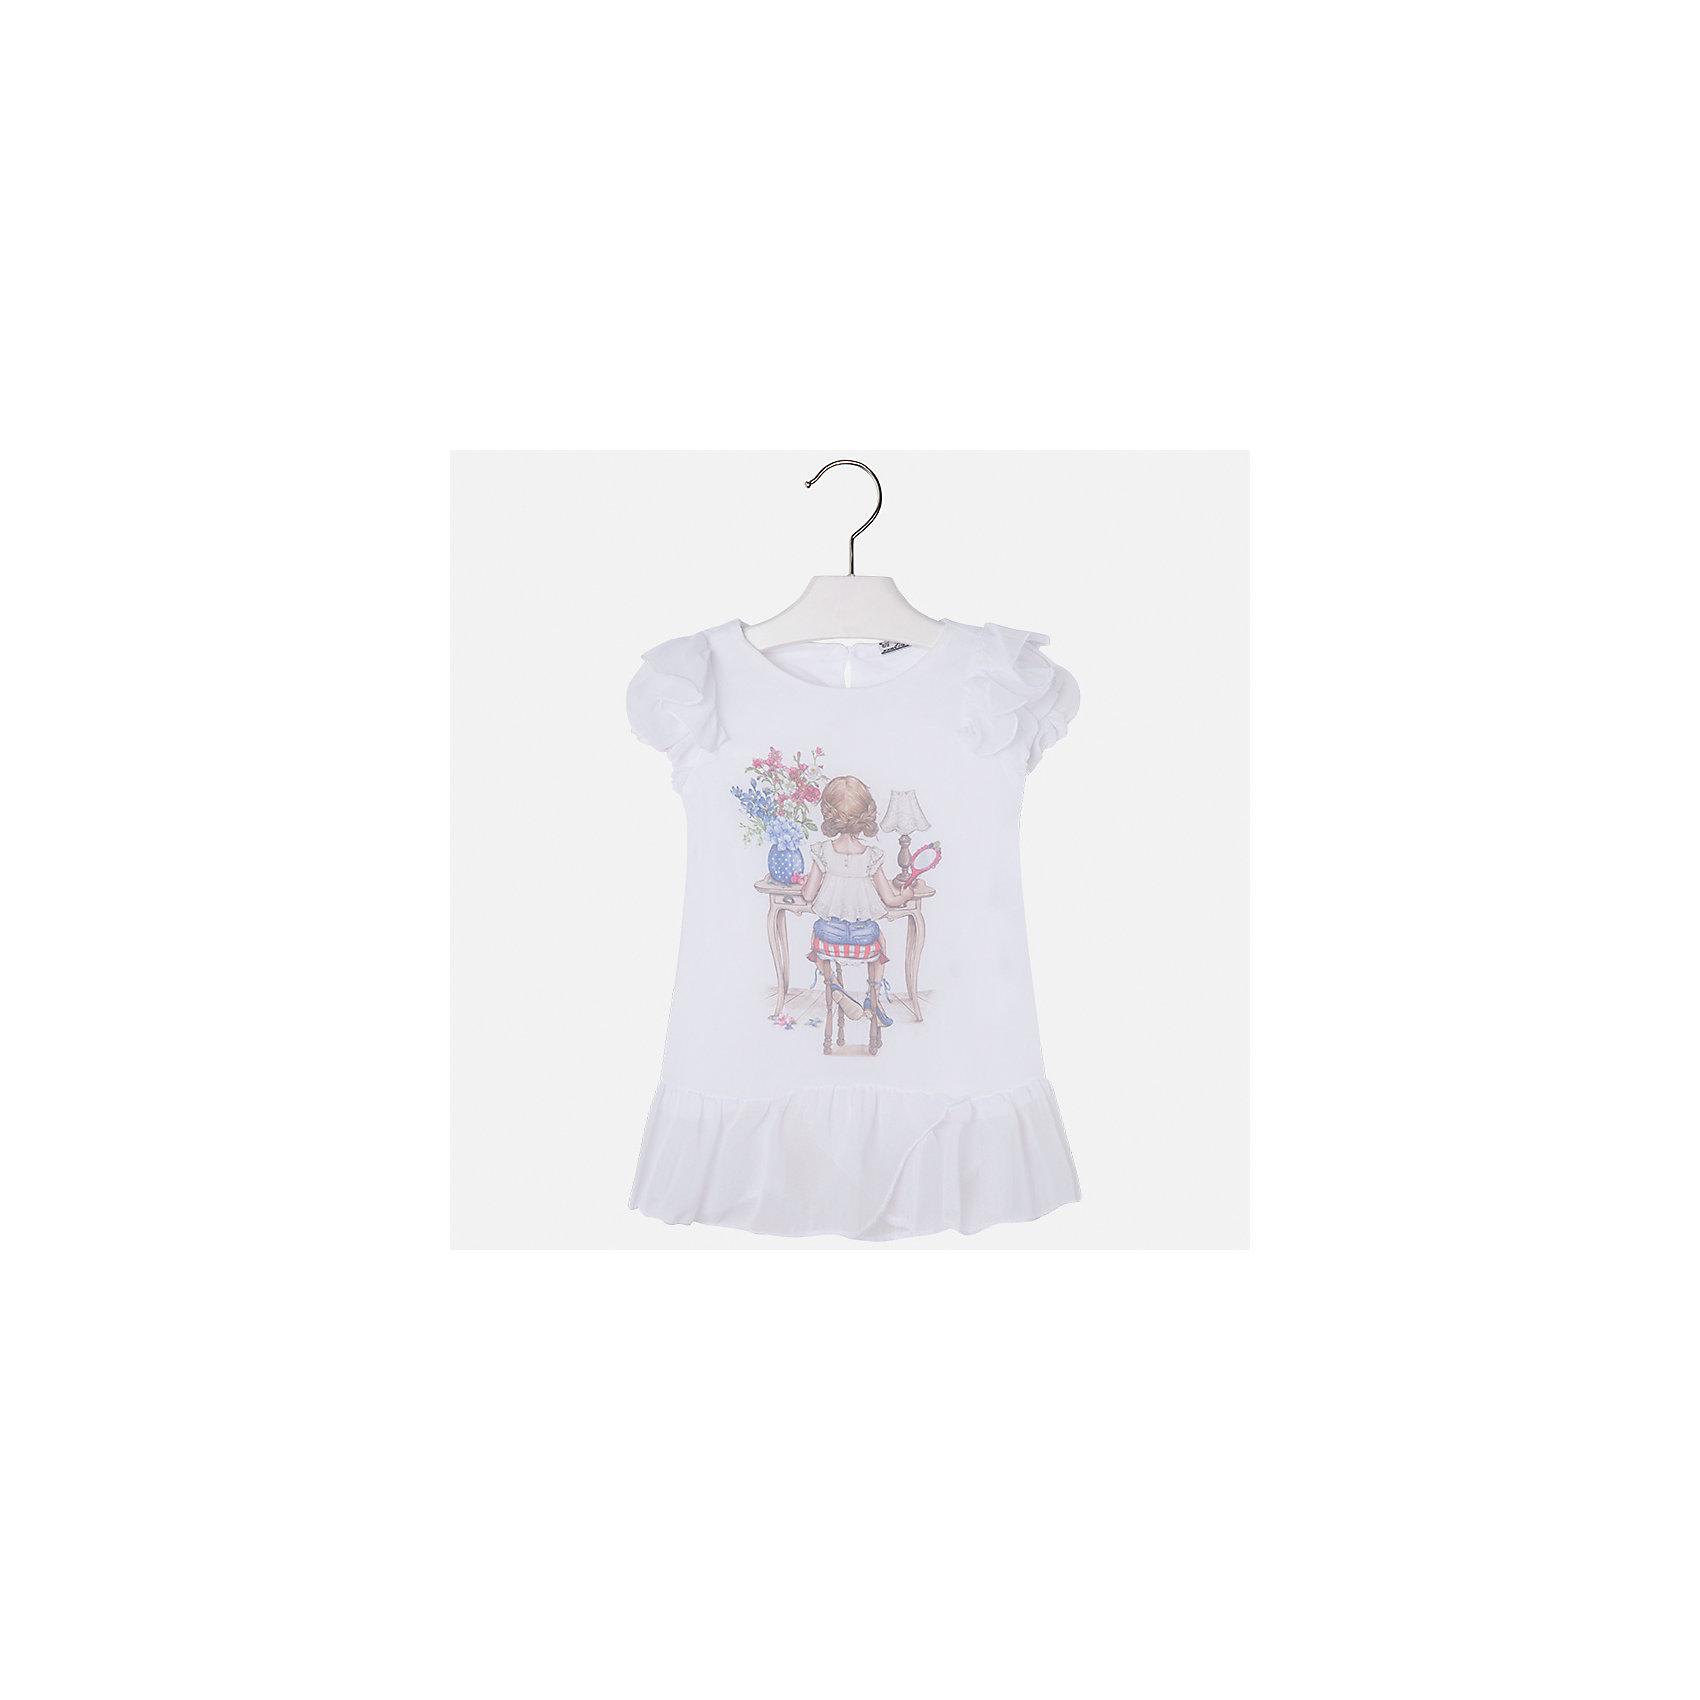 Блузка для девочки MayoralБлузки и рубашки<br>Характеристики товара:<br><br>• цвет: белый<br>• состав: 100% полиэстер, подкладка - 100% хлопок<br>• эластичный материал<br>• декорирована принтом<br>• короткие рукава<br>• фактурные плечи и низ<br>• округлый горловой вырез<br>• страна бренда: Испания<br><br>Симпатичная качественная блузка для девочки поможет разнообразить гардероб ребенка и украсить наряд. Она отлично сочетается и с юбками, и с шортами, и с брюками. Универсальный цвет позволяет подобрать к вещи низ практически любой расцветки. Интересная отделка модели делает её нарядной и оригинальной.<br><br>Одежда, обувь и аксессуары от испанского бренда Mayoral полюбились детям и взрослым по всему миру. Модели этой марки - стильные и удобные. Для их производства используются только безопасные, качественные материалы и фурнитура. Порадуйте ребенка модными и красивыми вещами от Mayoral! <br><br>Блузку для девочки от испанского бренда Mayoral (Майорал) можно купить в нашем интернет-магазине.<br><br>Ширина мм: 186<br>Глубина мм: 87<br>Высота мм: 198<br>Вес г: 197<br>Цвет: белый<br>Возраст от месяцев: 24<br>Возраст до месяцев: 36<br>Пол: Женский<br>Возраст: Детский<br>Размер: 98,104,110,116,122,128,134,92<br>SKU: 5300372